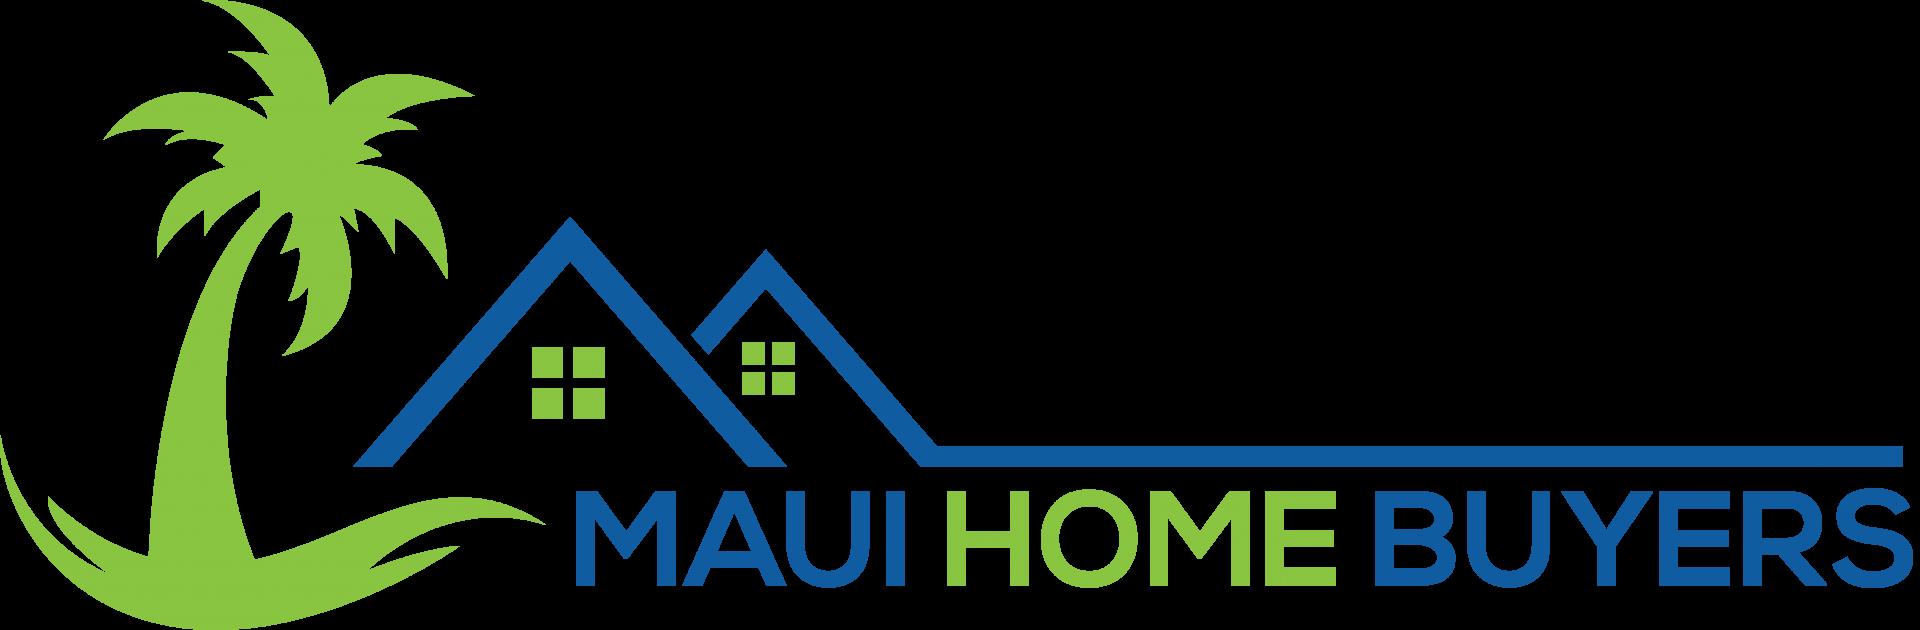 Maui Home Buyers logo